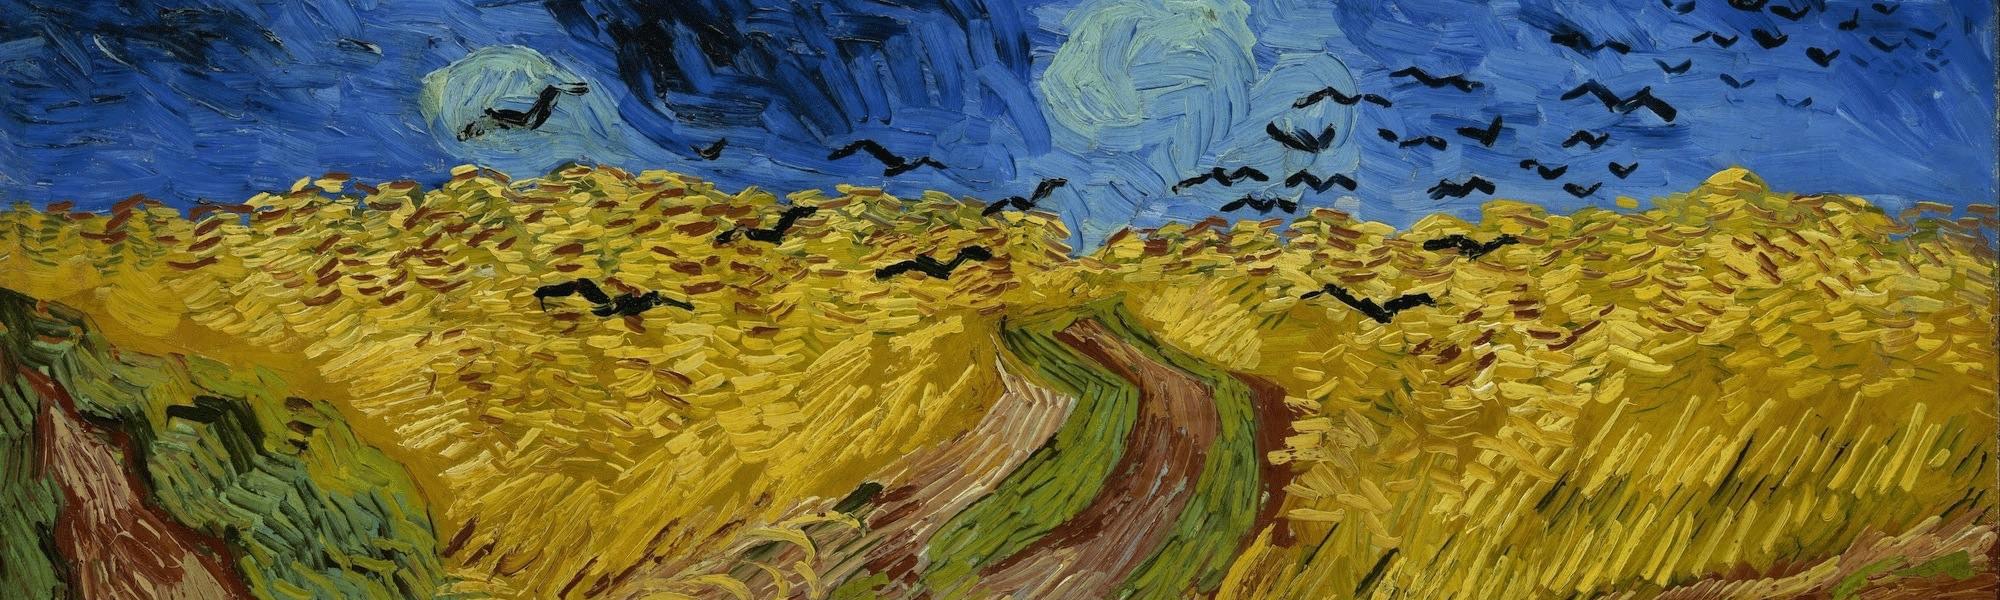 tableau Auvers sur Oise Champs de blé par Vincent Van Gogh